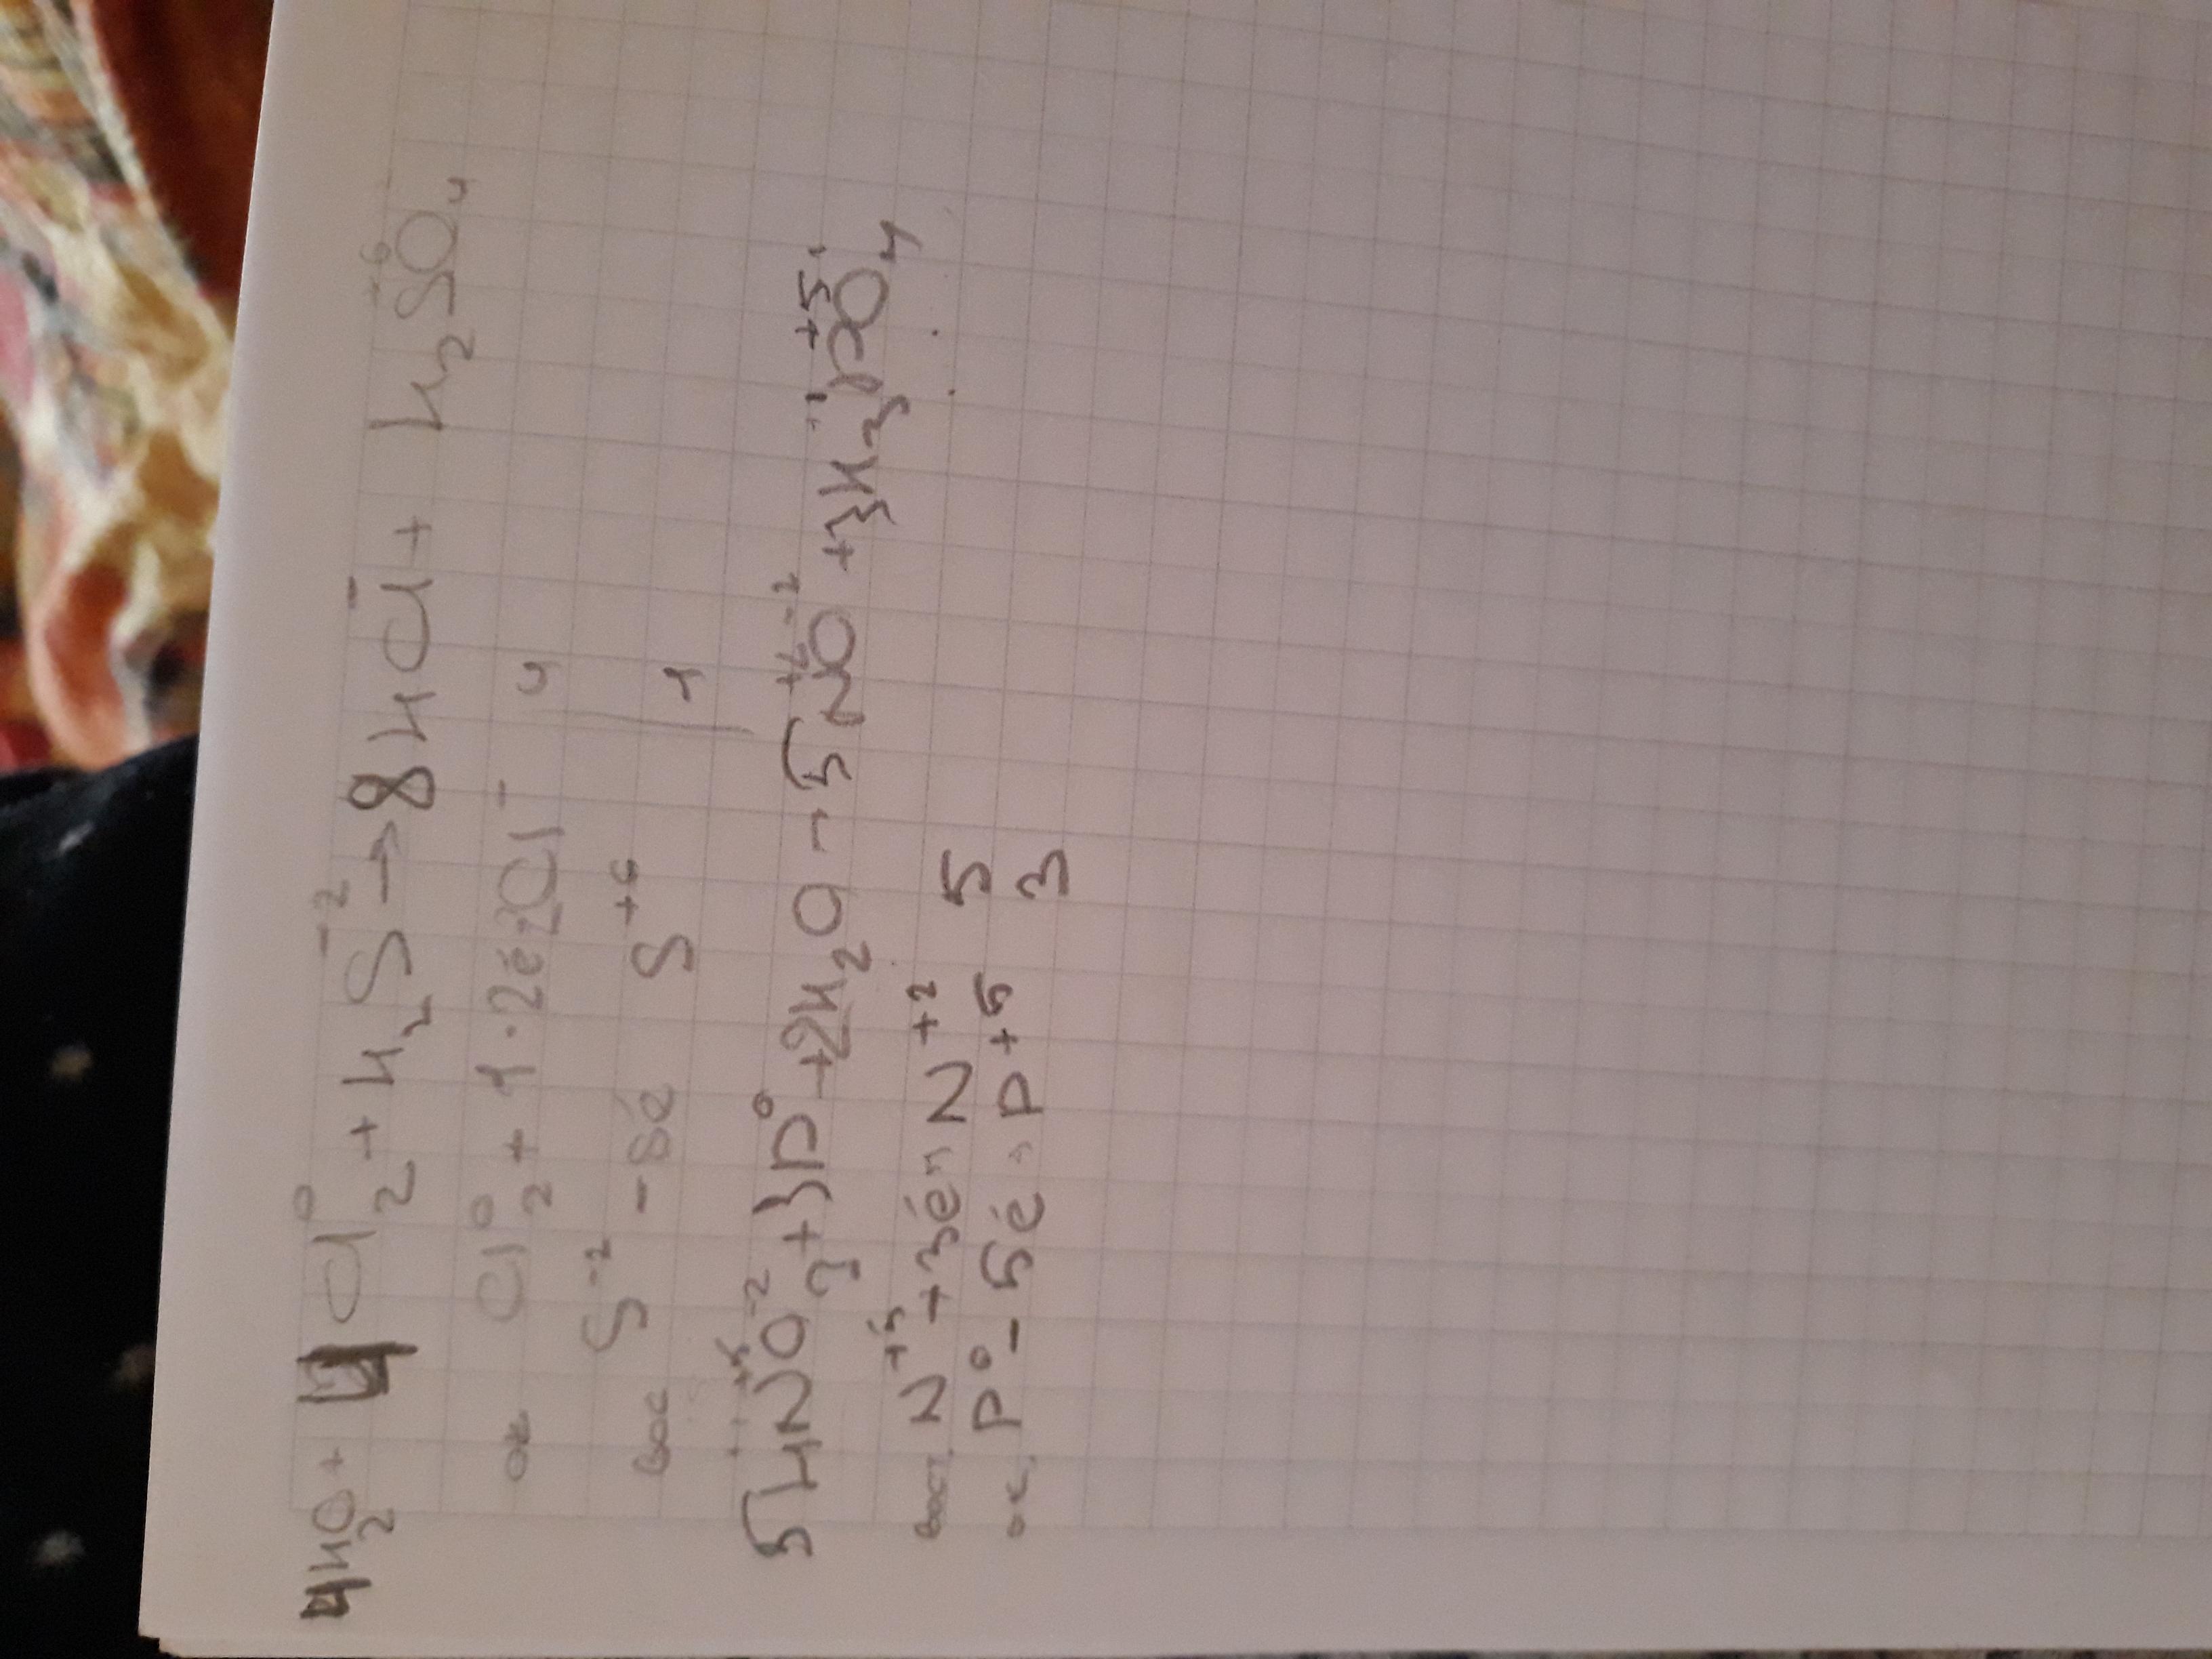 Помогите решить задание номер 2. Заранее огромное